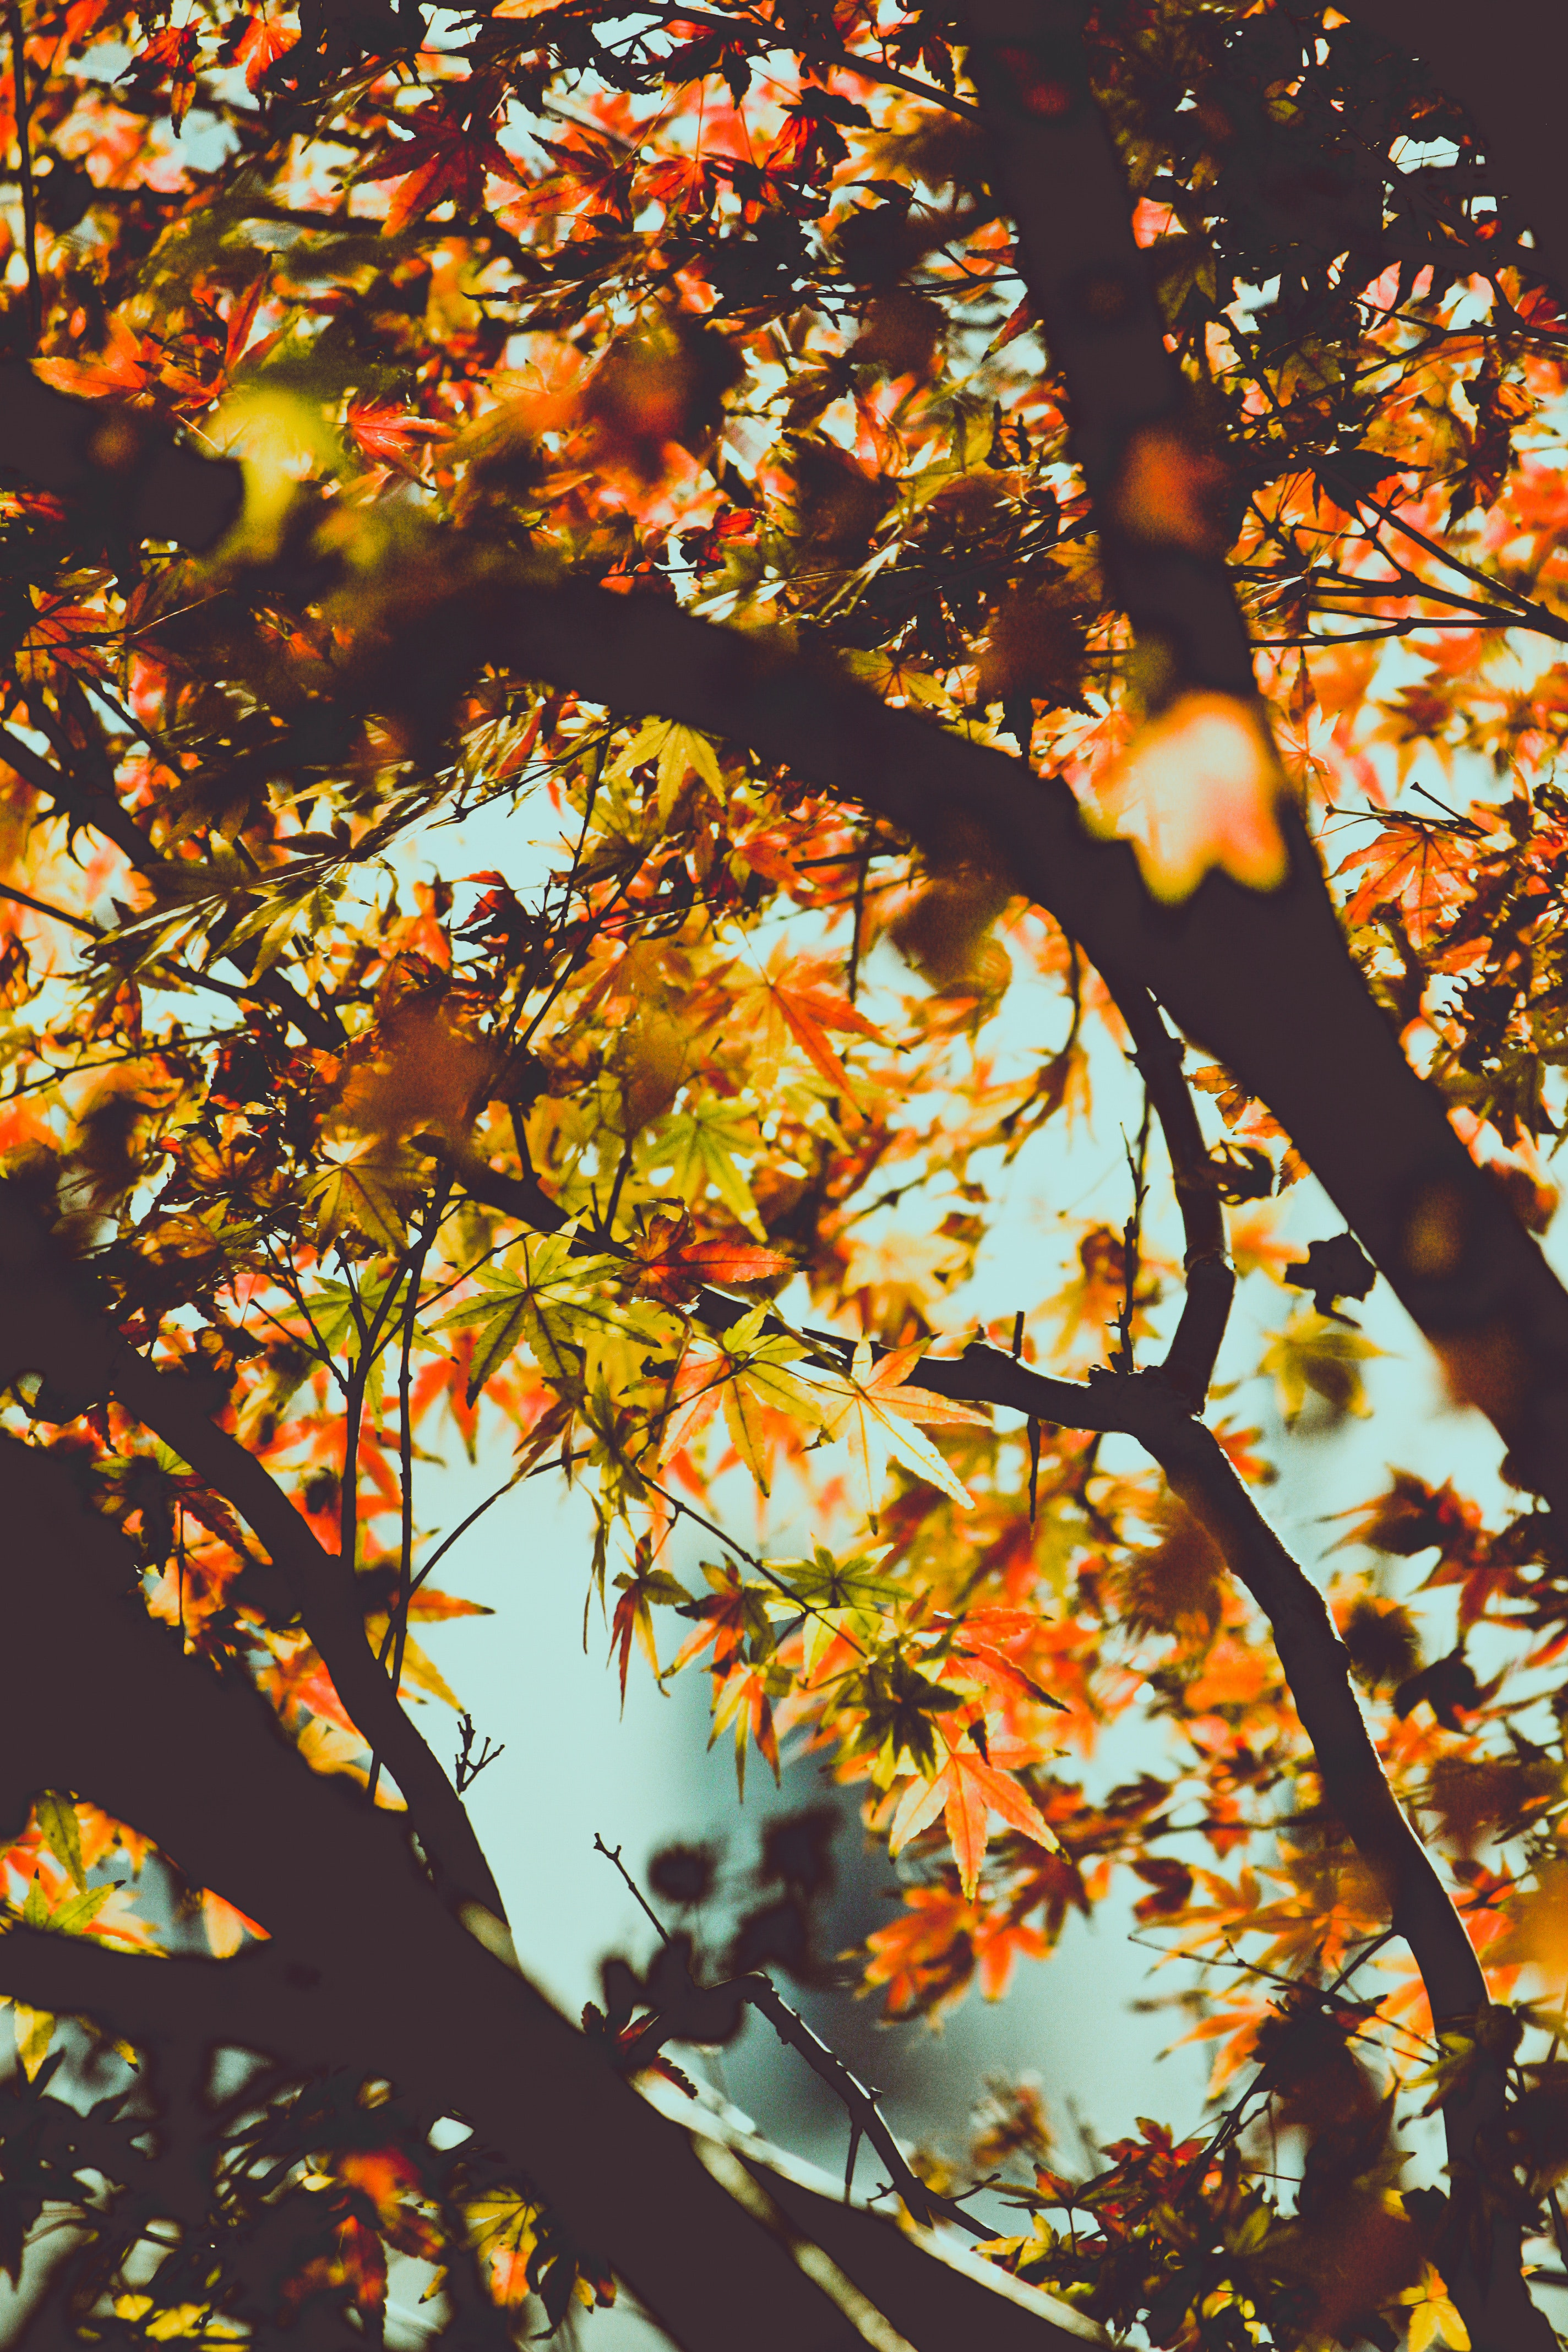 Kostenloses Foto Zum Thema Baum Blatter Herbst